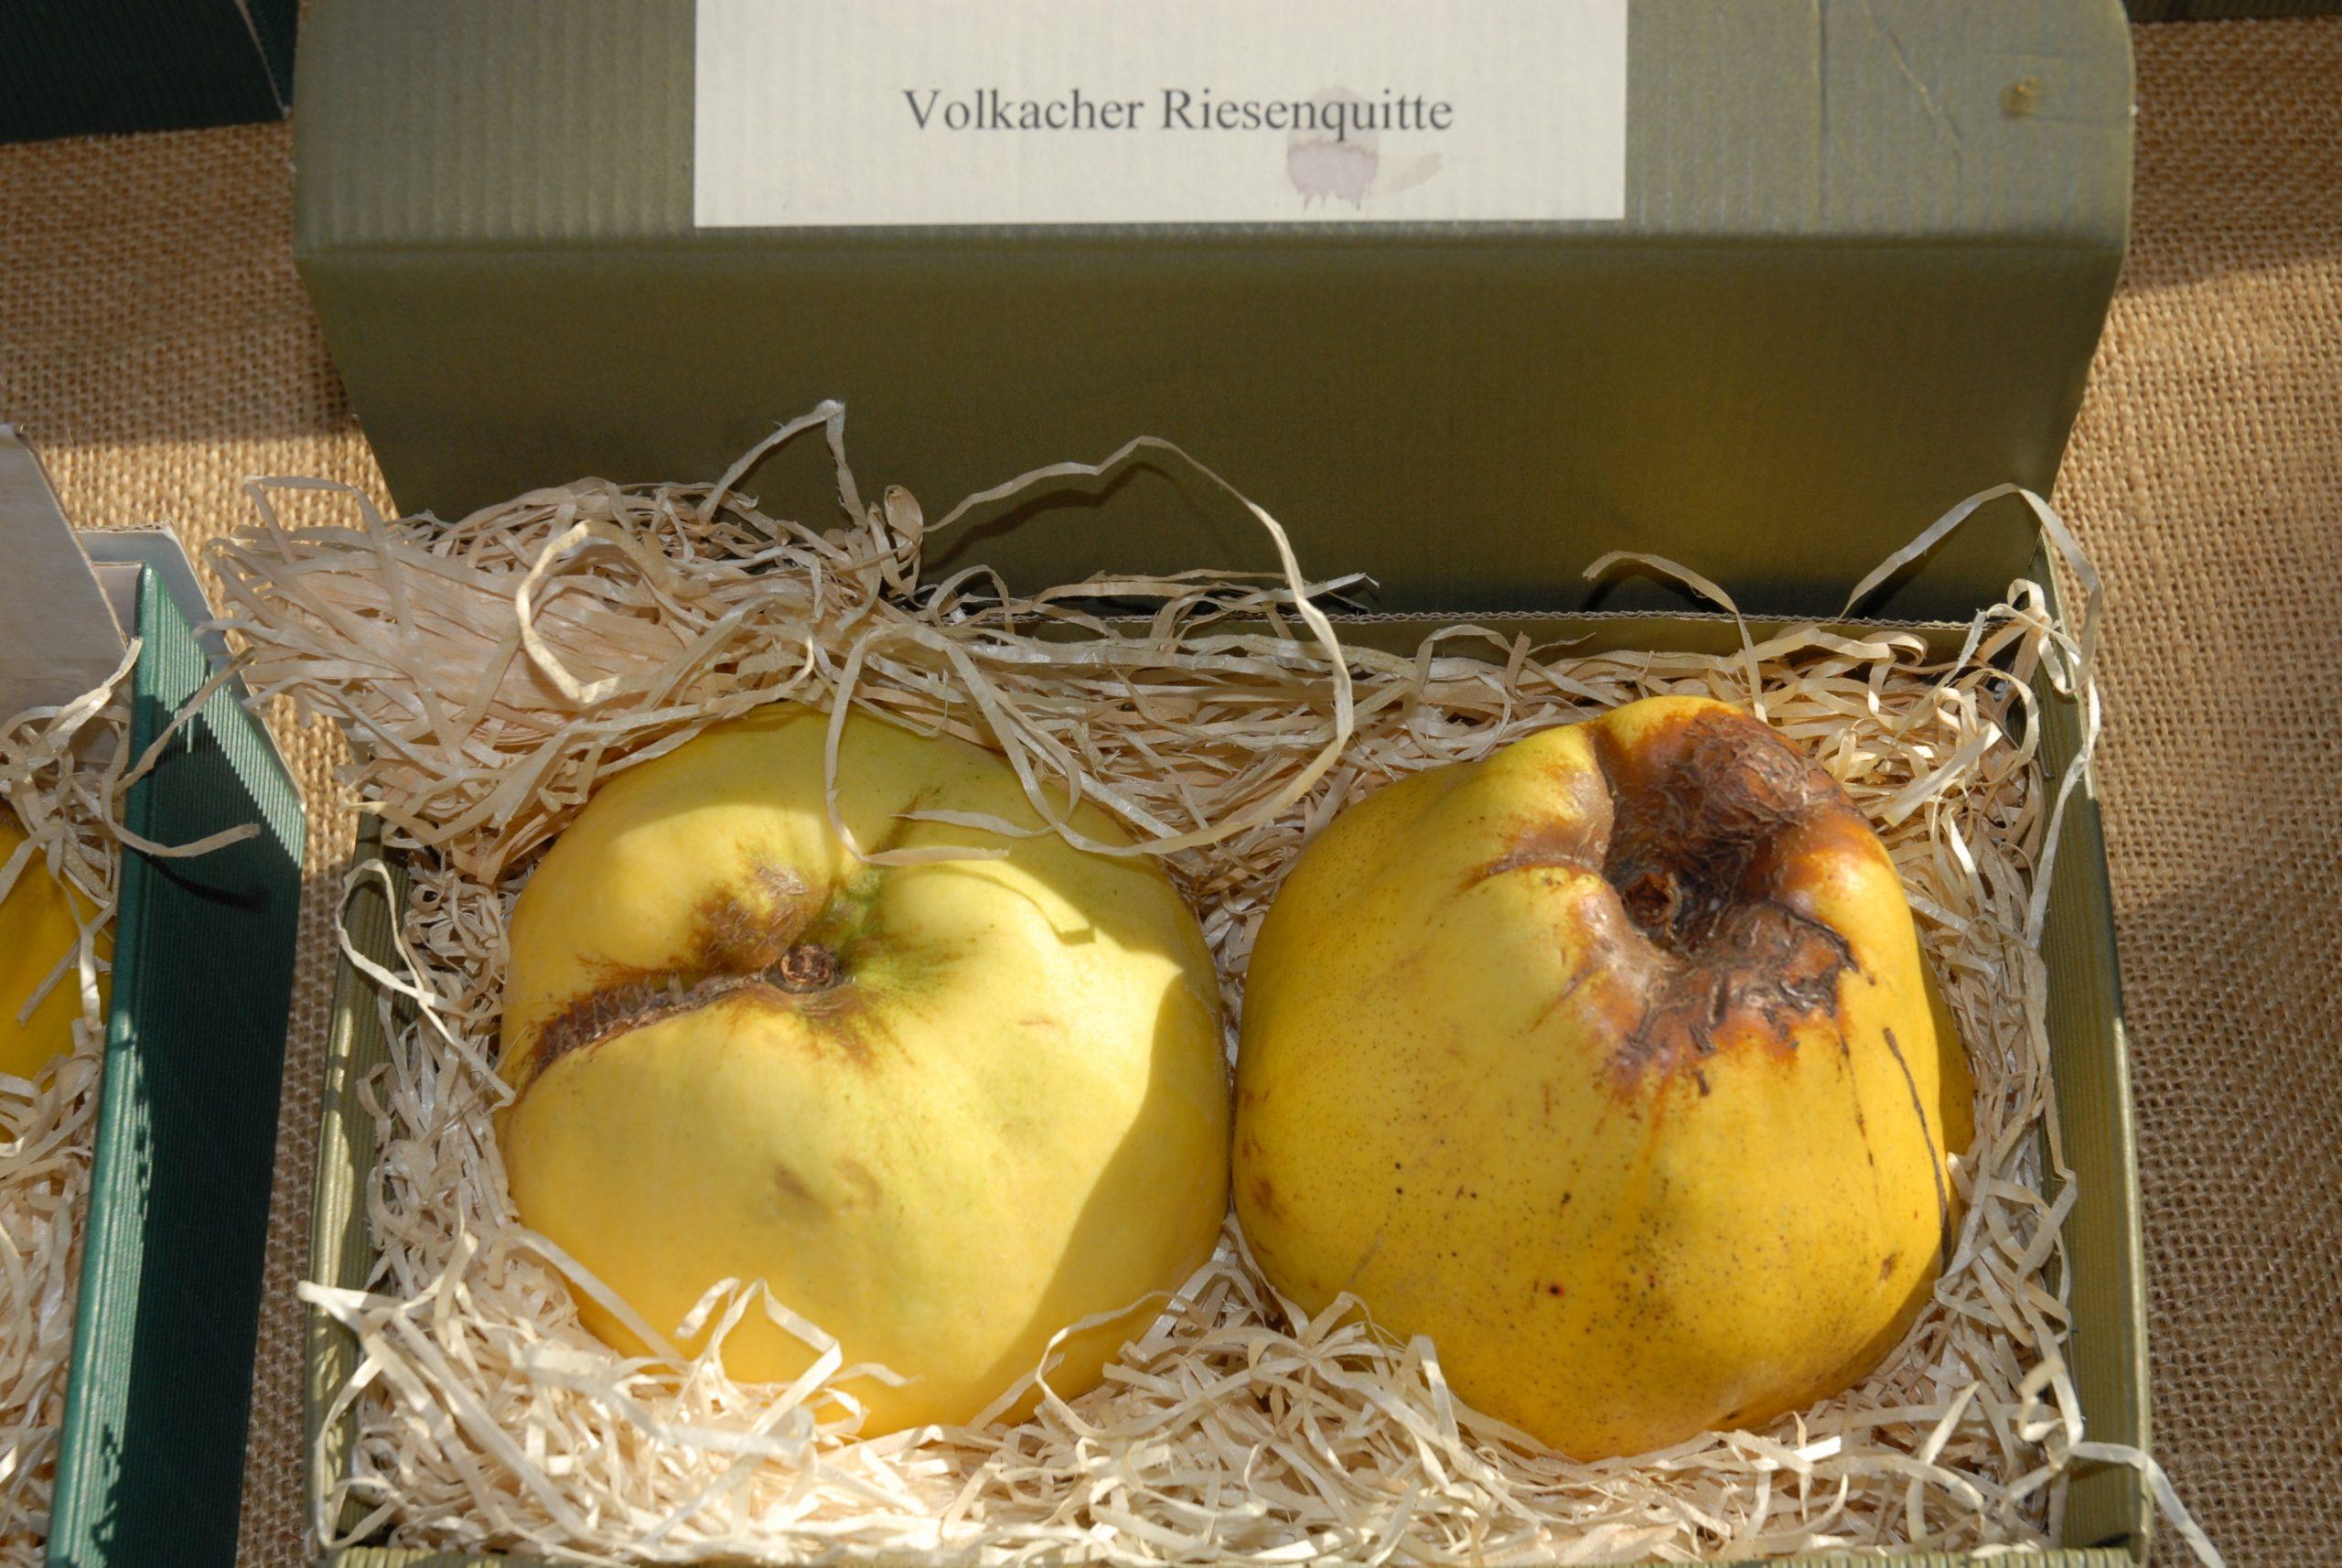 Quitte 'Volkacher Riesenquitte'